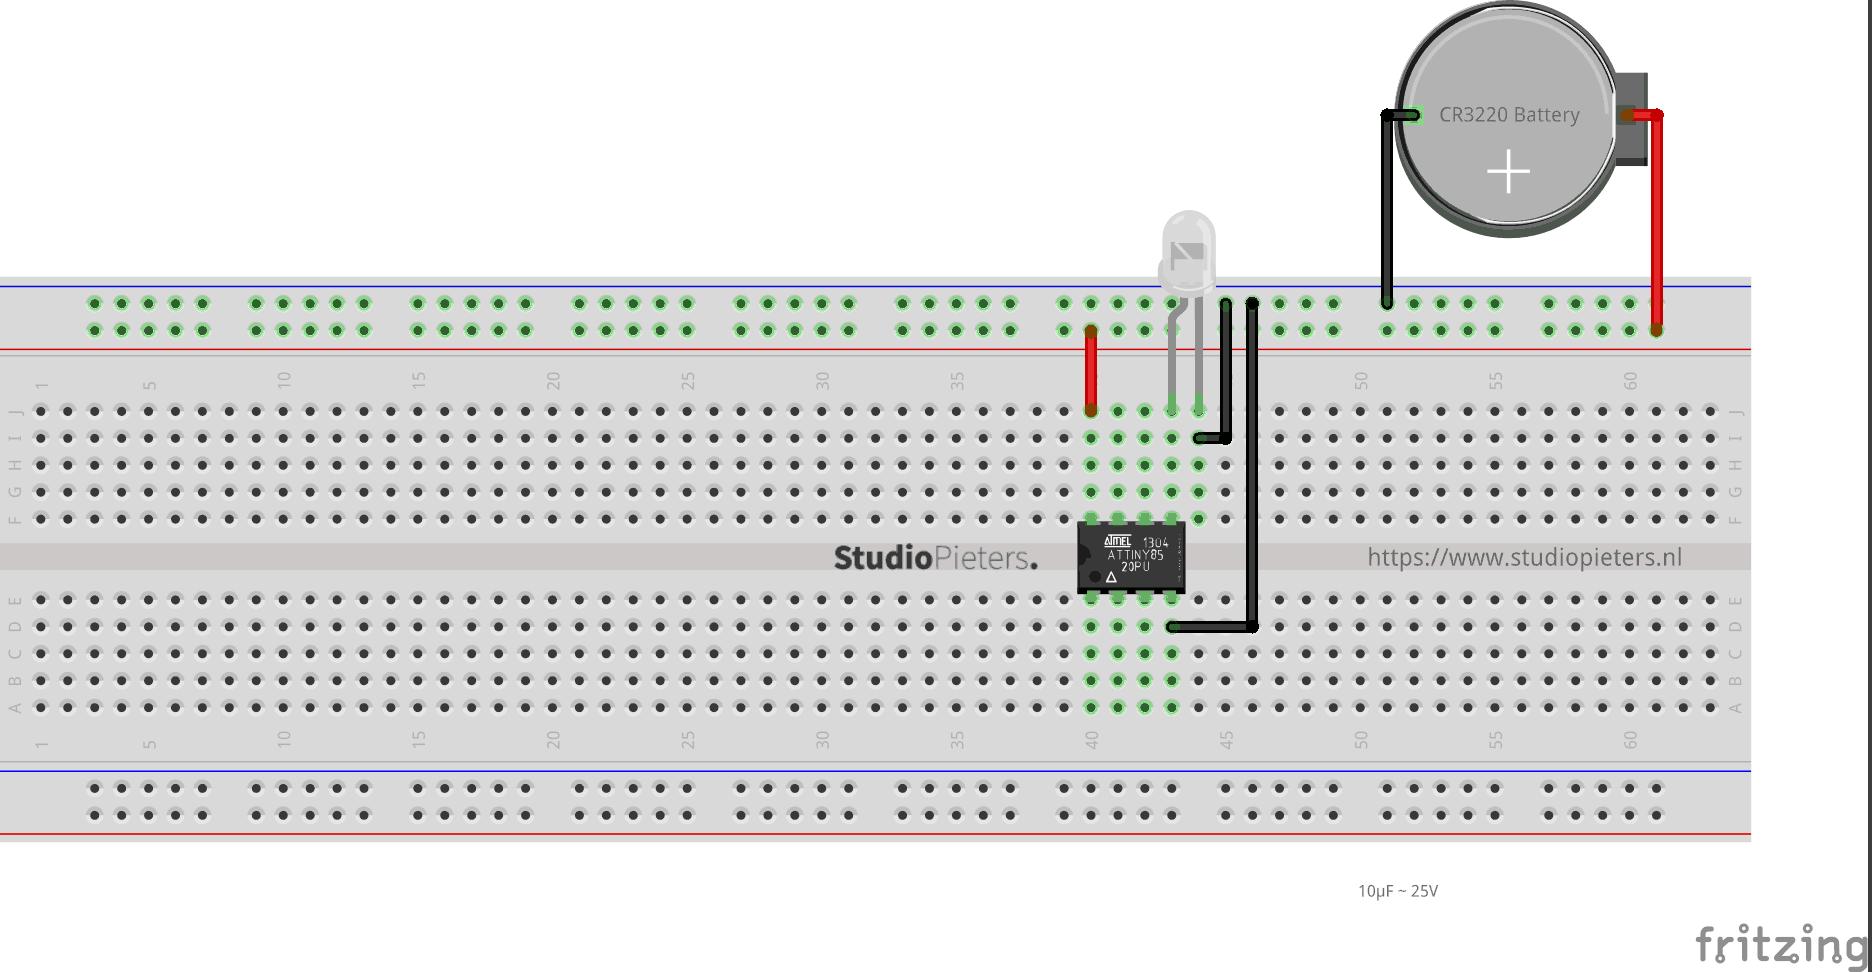 Miniaturizing - ATTiny85 - StudioPieters®